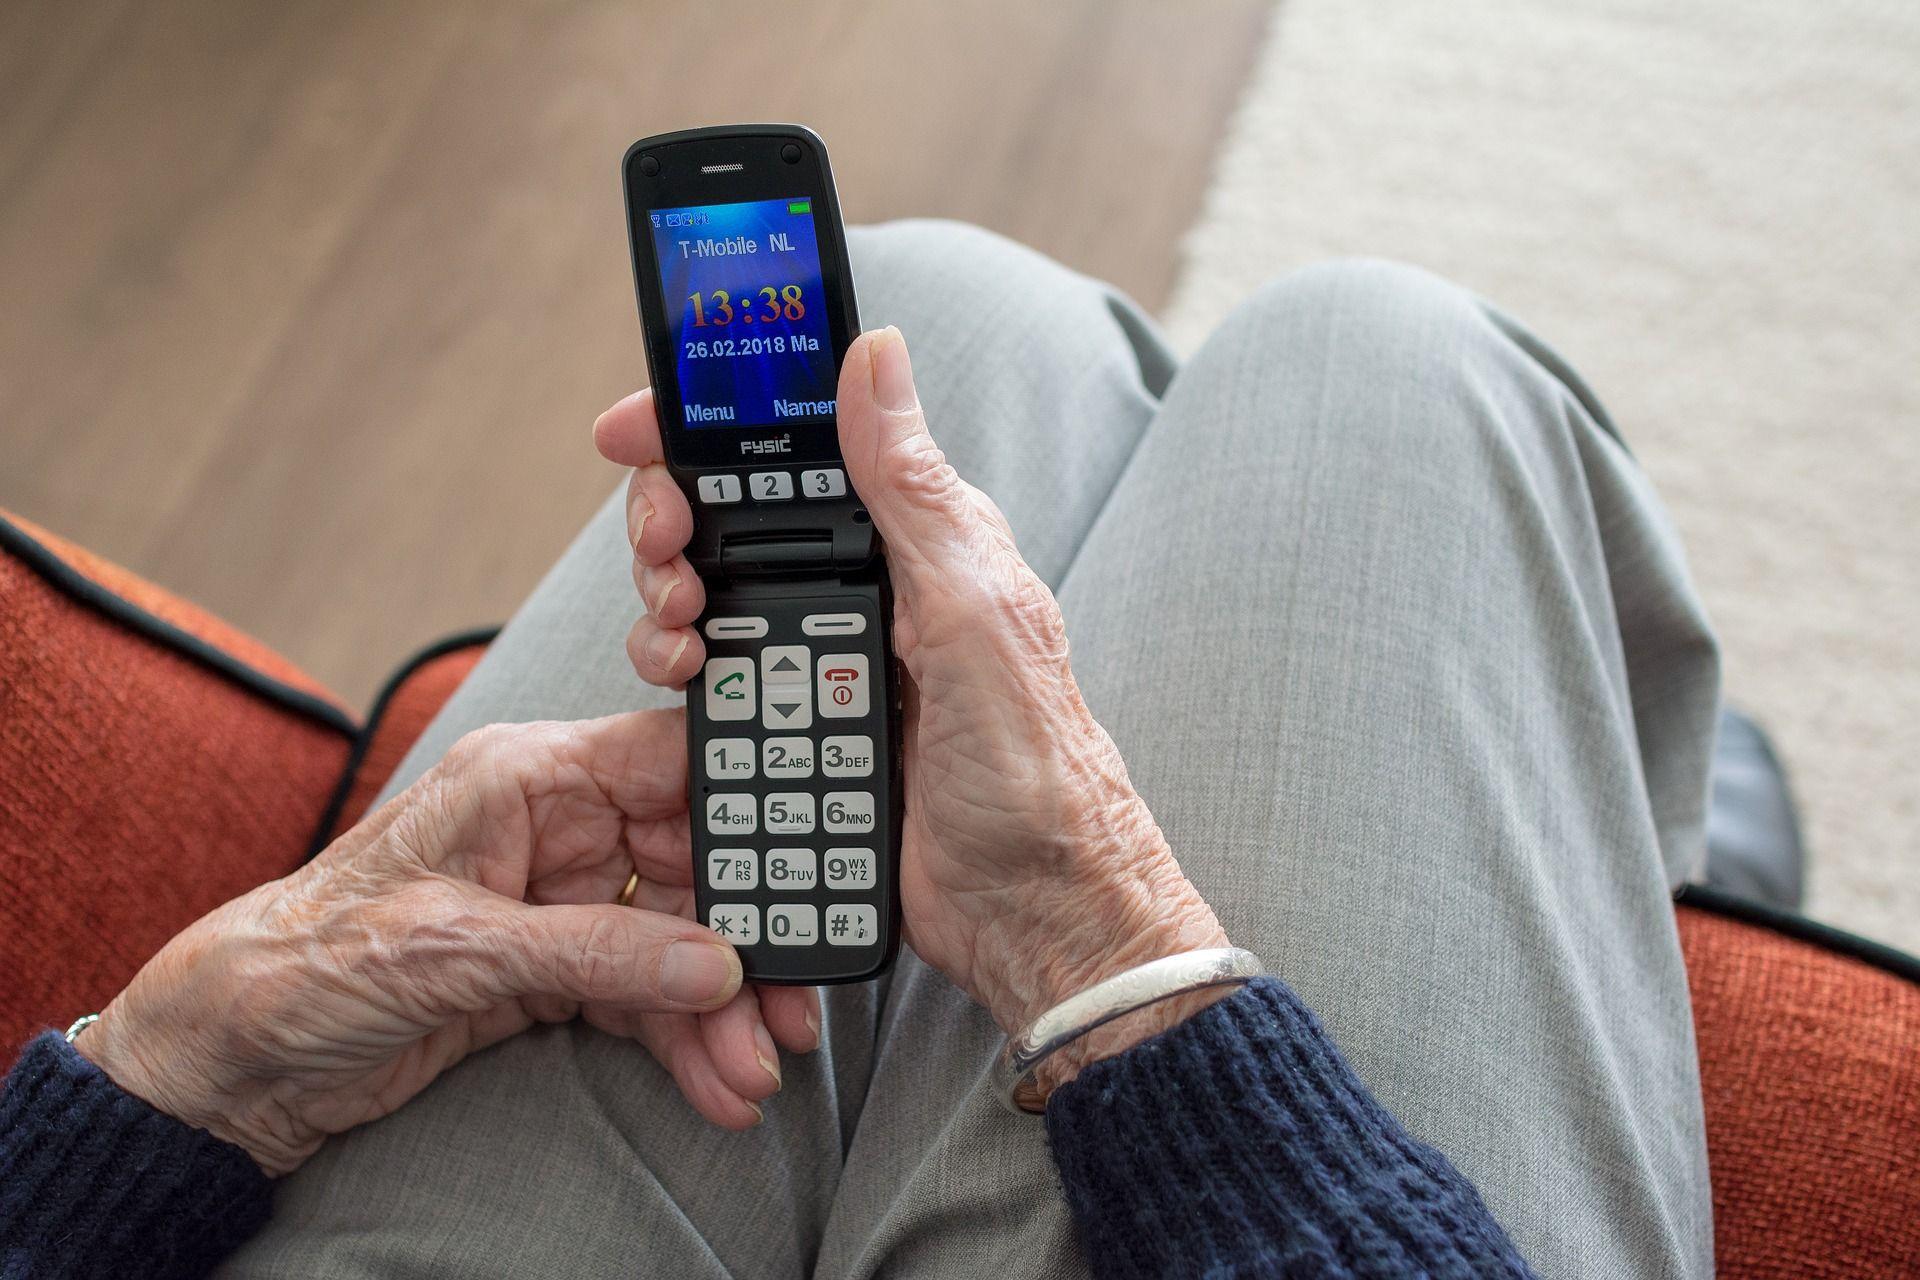 Policja ostrzega: oszuści w akcji - seniorzy mogą stracić pieniądze